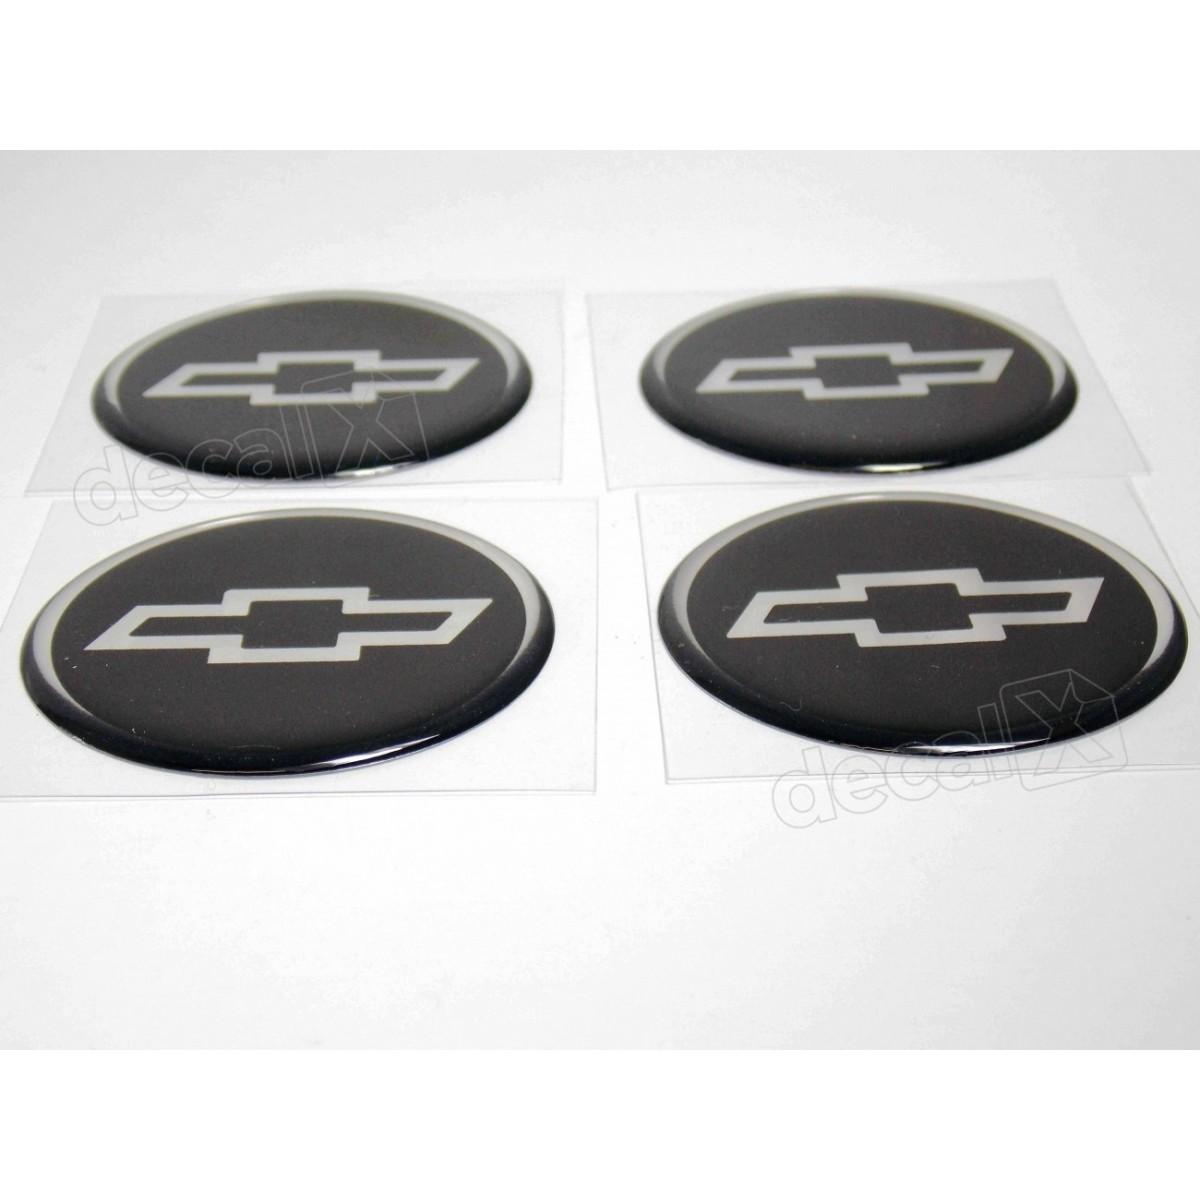 Adesivo Emblema Resinado Roda Chevrolet 55mm Cl15